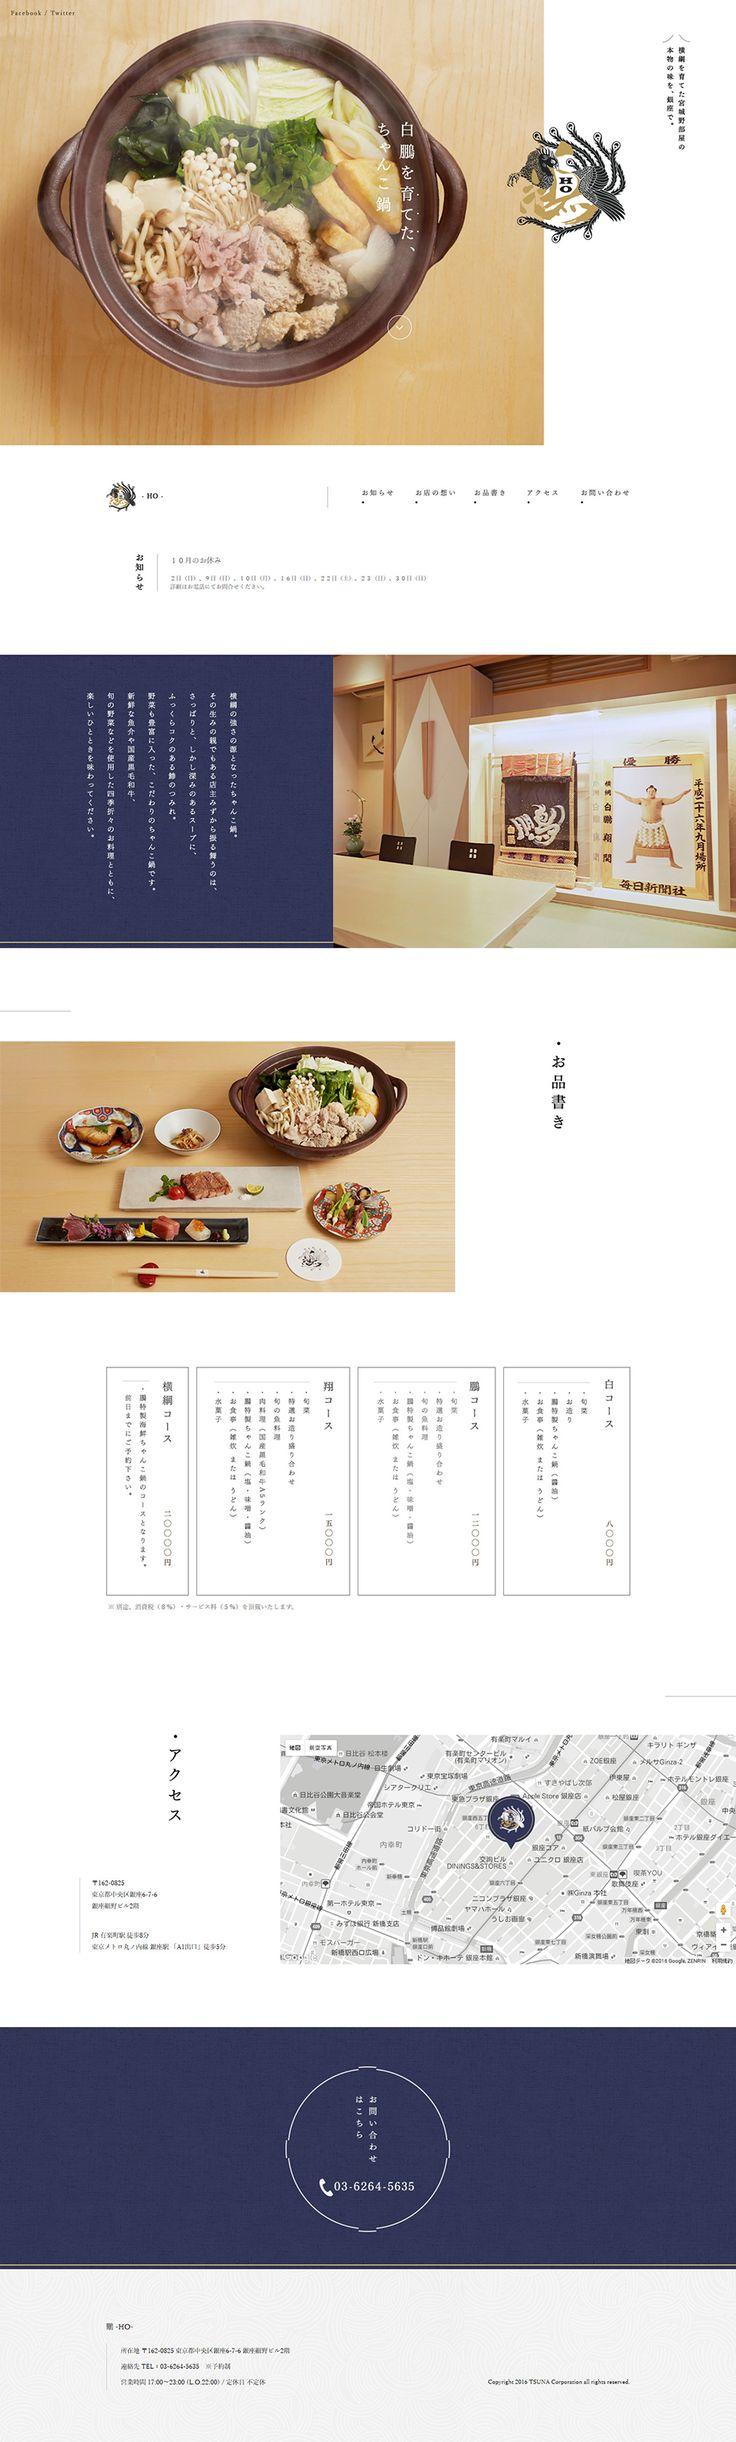 白鵬を育てた、ちゃんこ鍋【食品関連】のLPデザイン。WEBデザイナーさん必見!ランディングページのデザイン参考に(シンプル系)